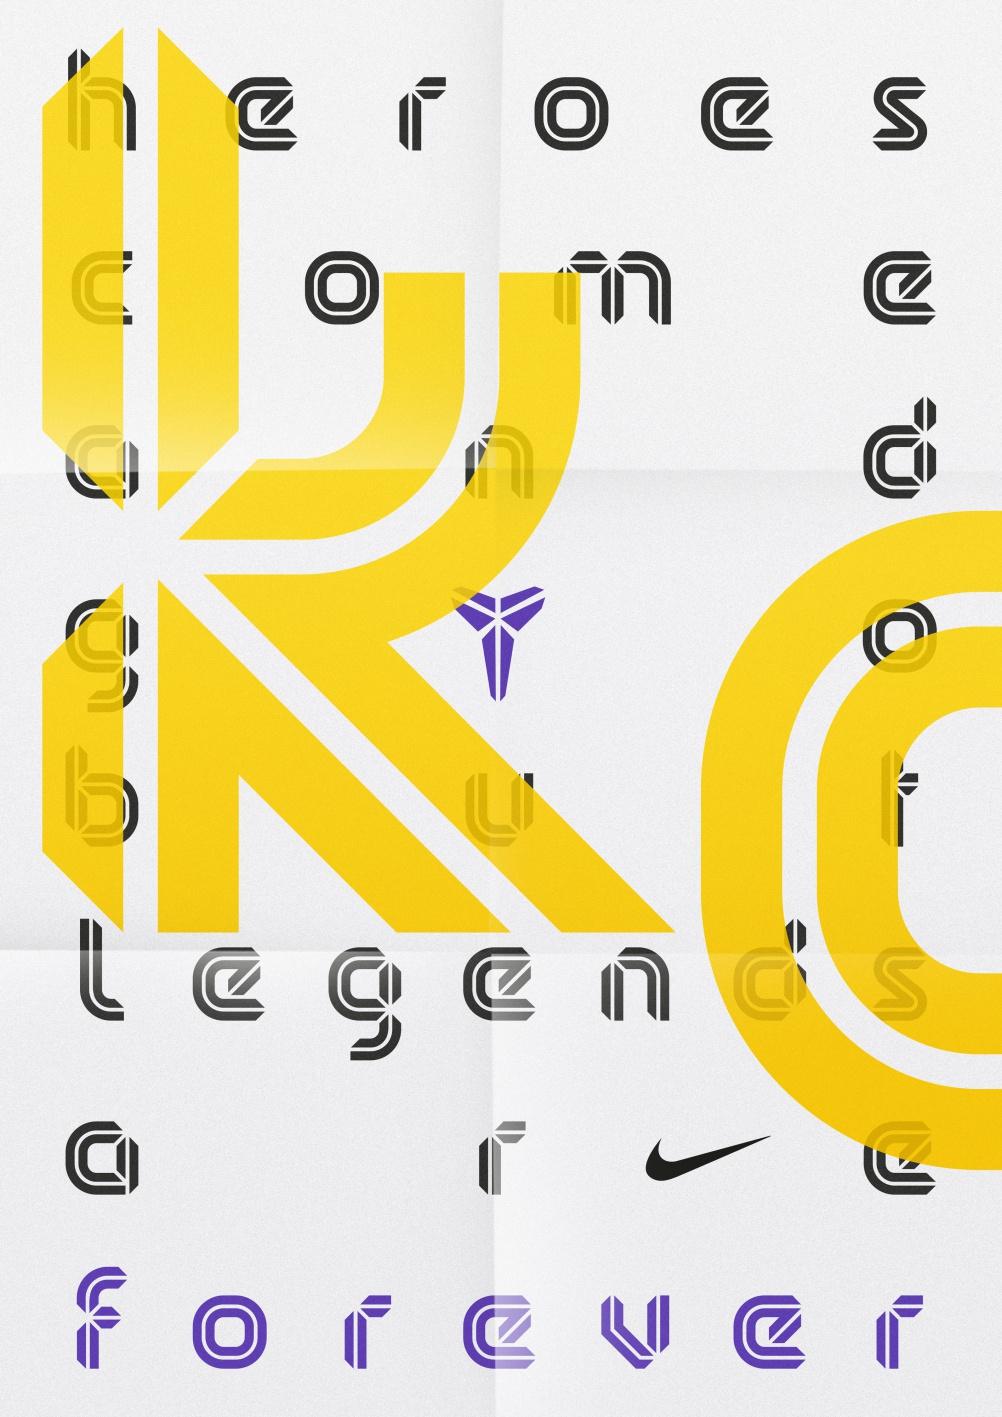 kobe-bryant-typeface-3